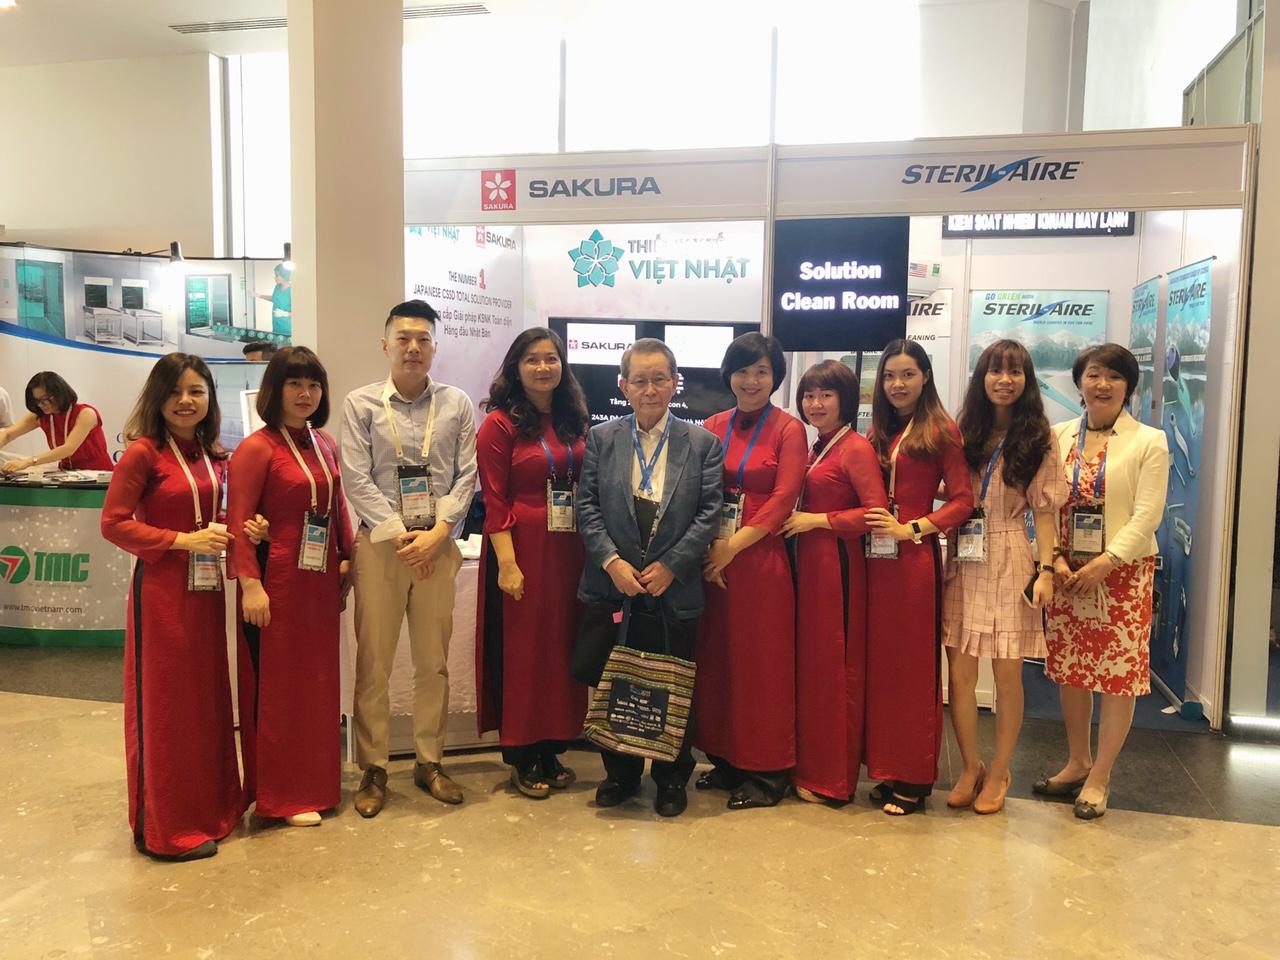 Hội nghị APSIC: Sản phẩm kiểm soát nhiễm khuẩn do JVC phân phối được khách hàng quan tâm và đánh giá cao